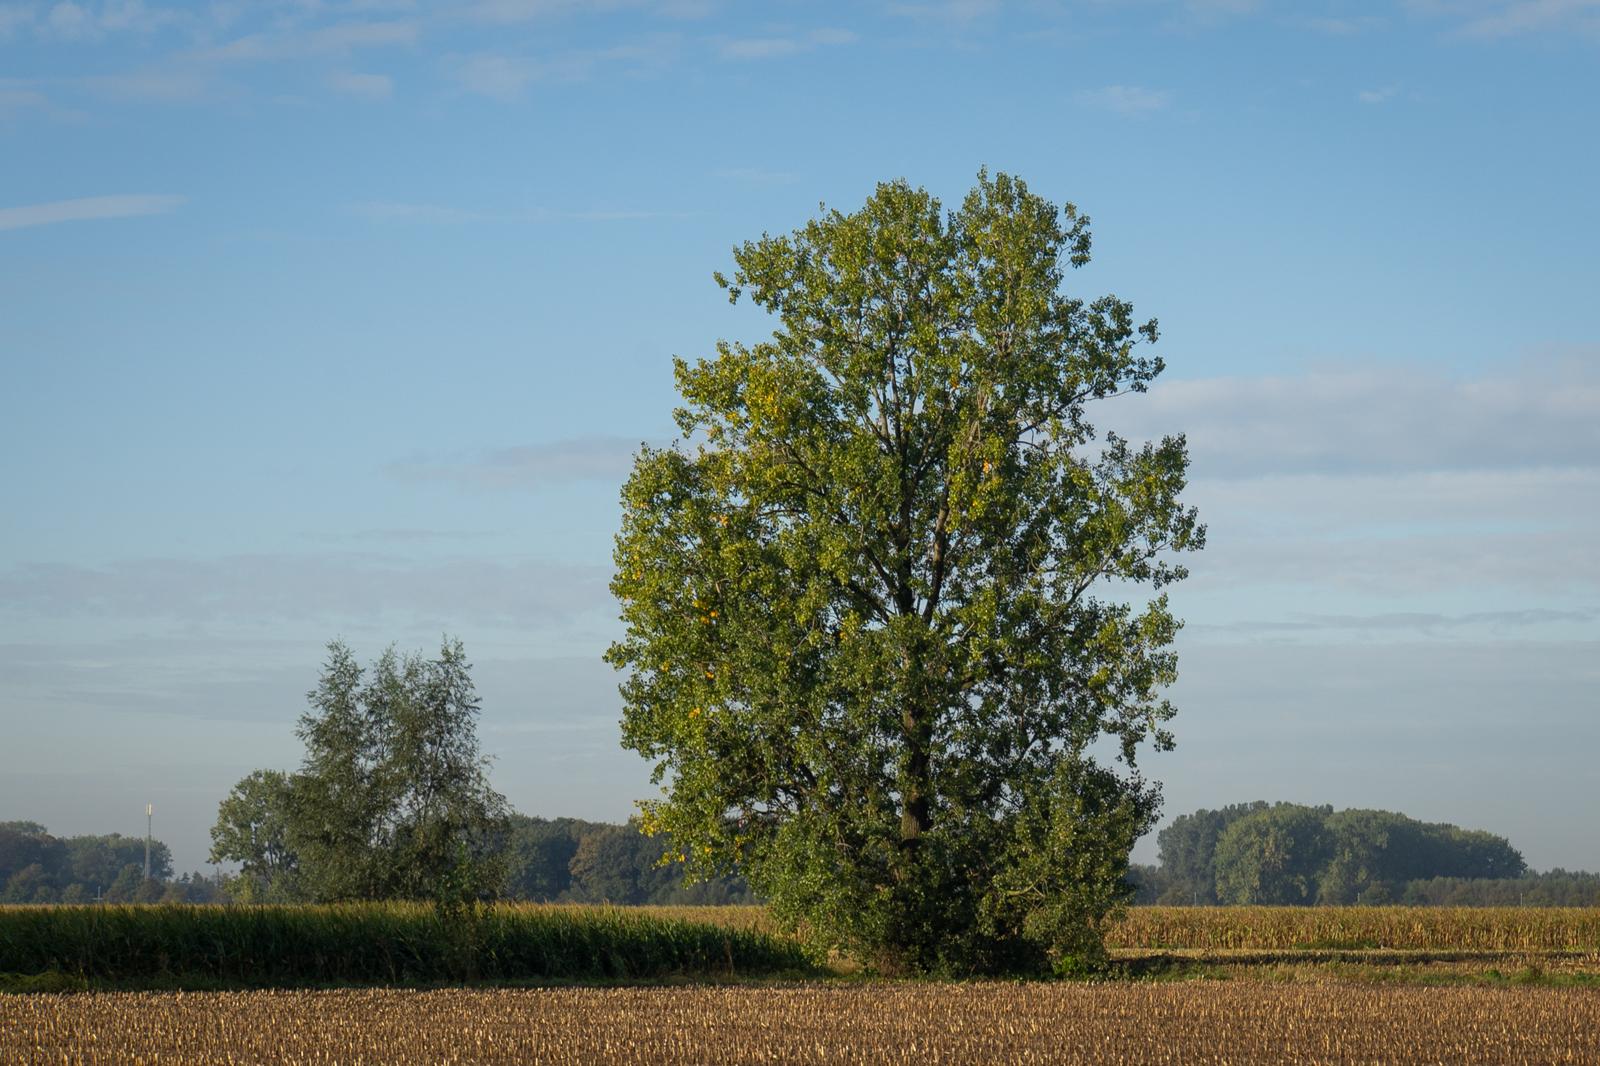 Herfst hangt mild in de lucht.